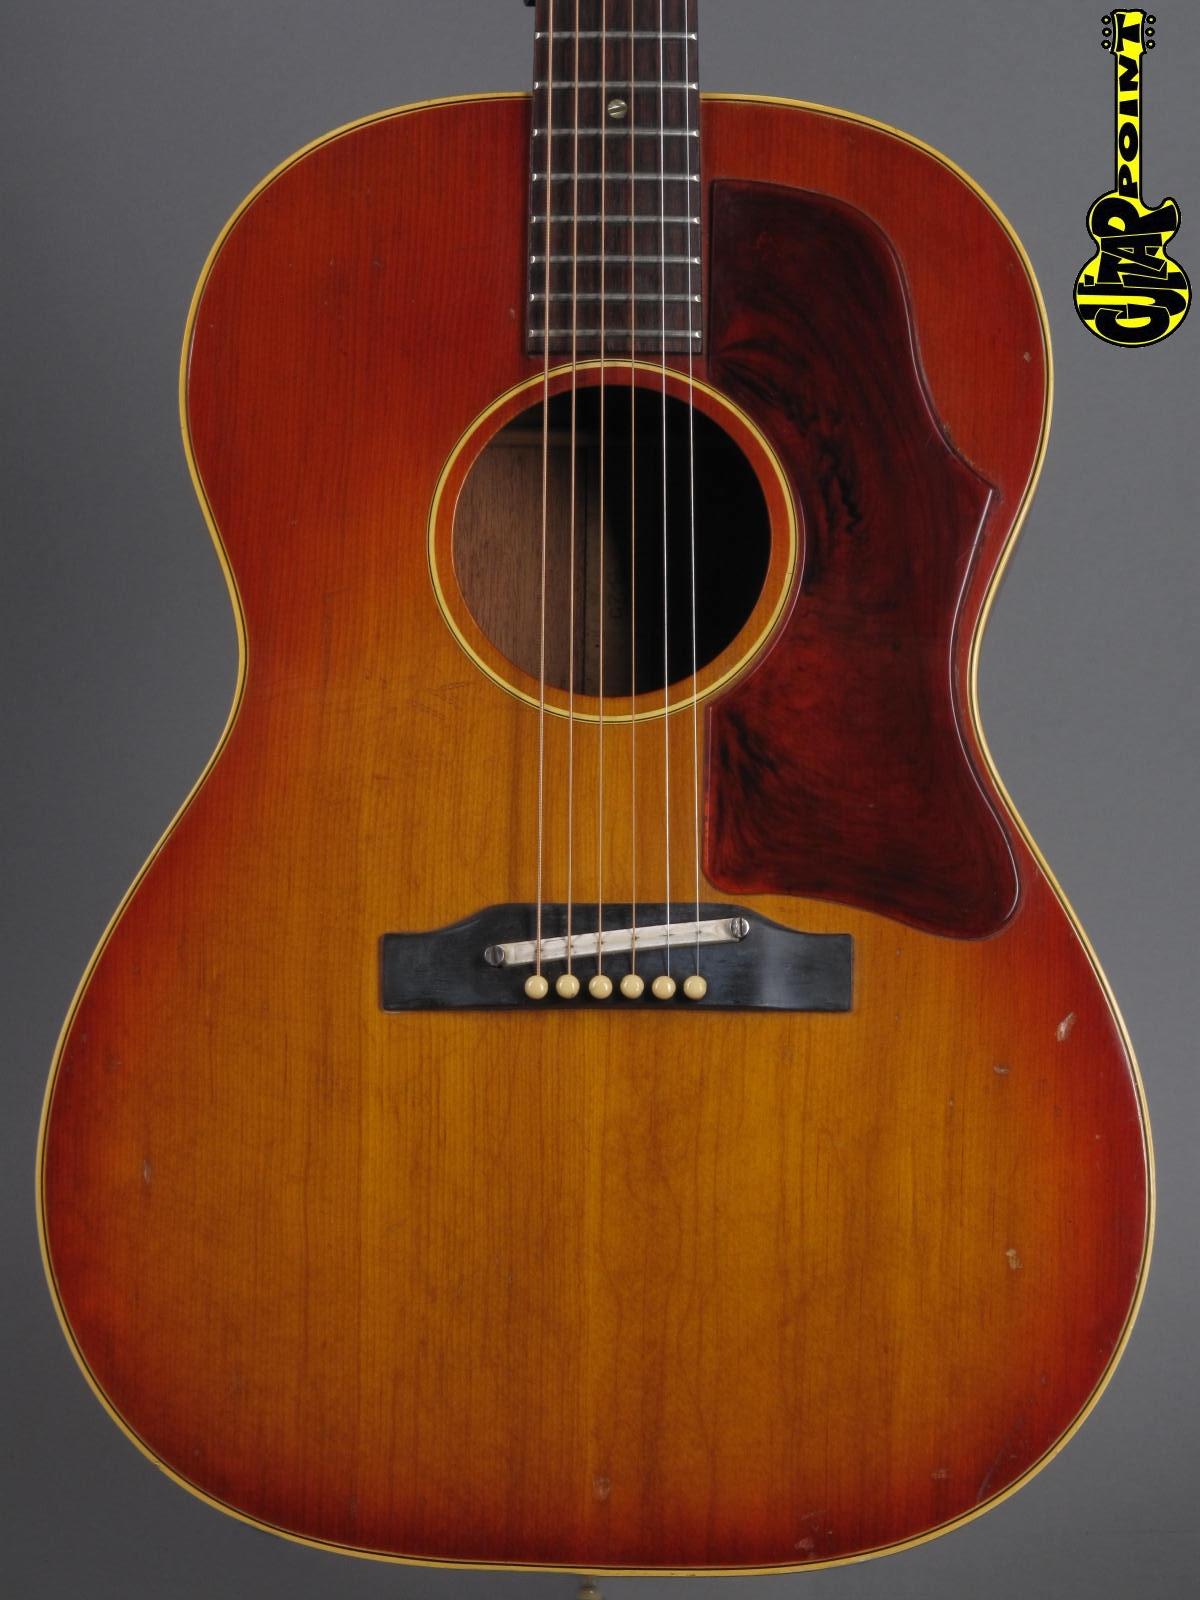 1965 Gibson B-25 - Cherry Sunburst        ...wide neck !!!